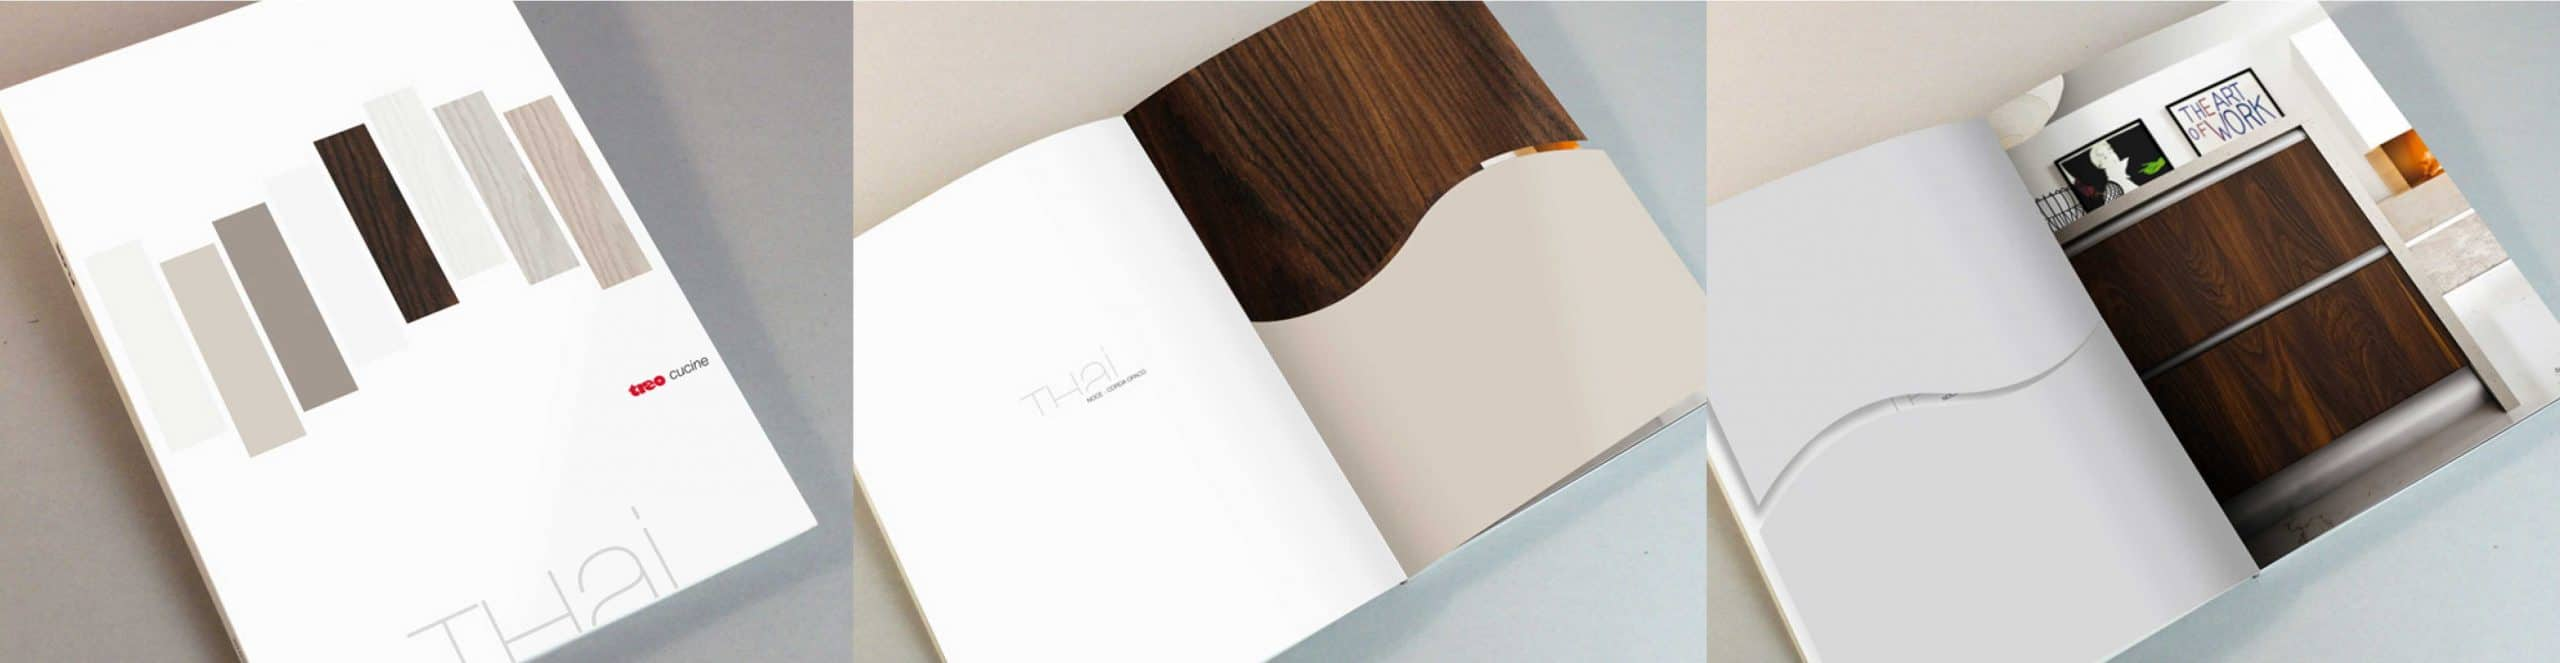 Thai-TreO-Cucine-creazione-cataloghi-aziendali-padova